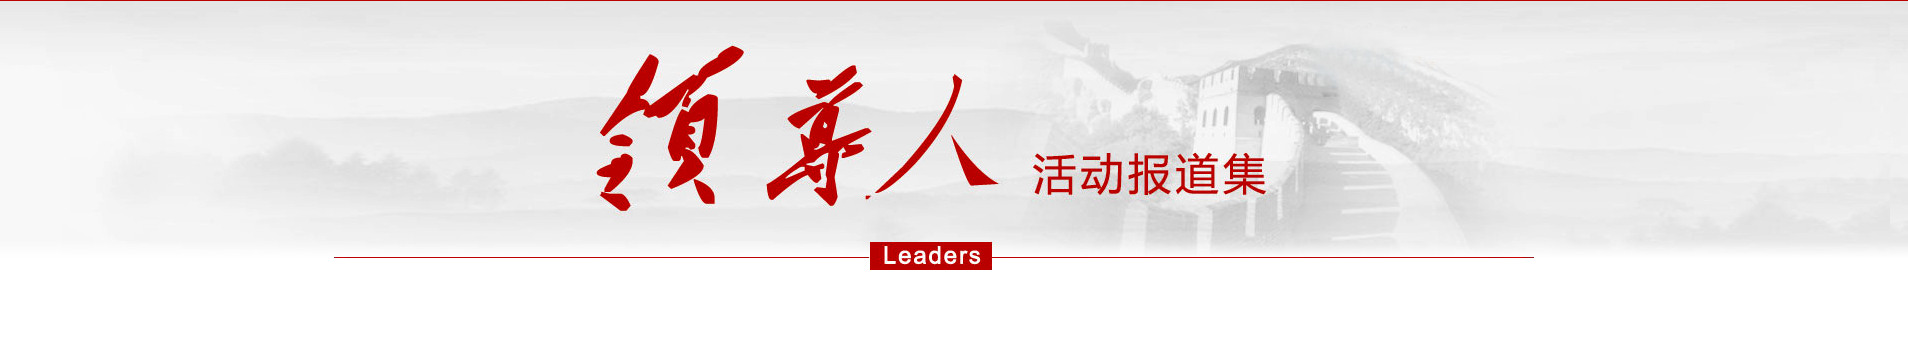 領導人活動報告集